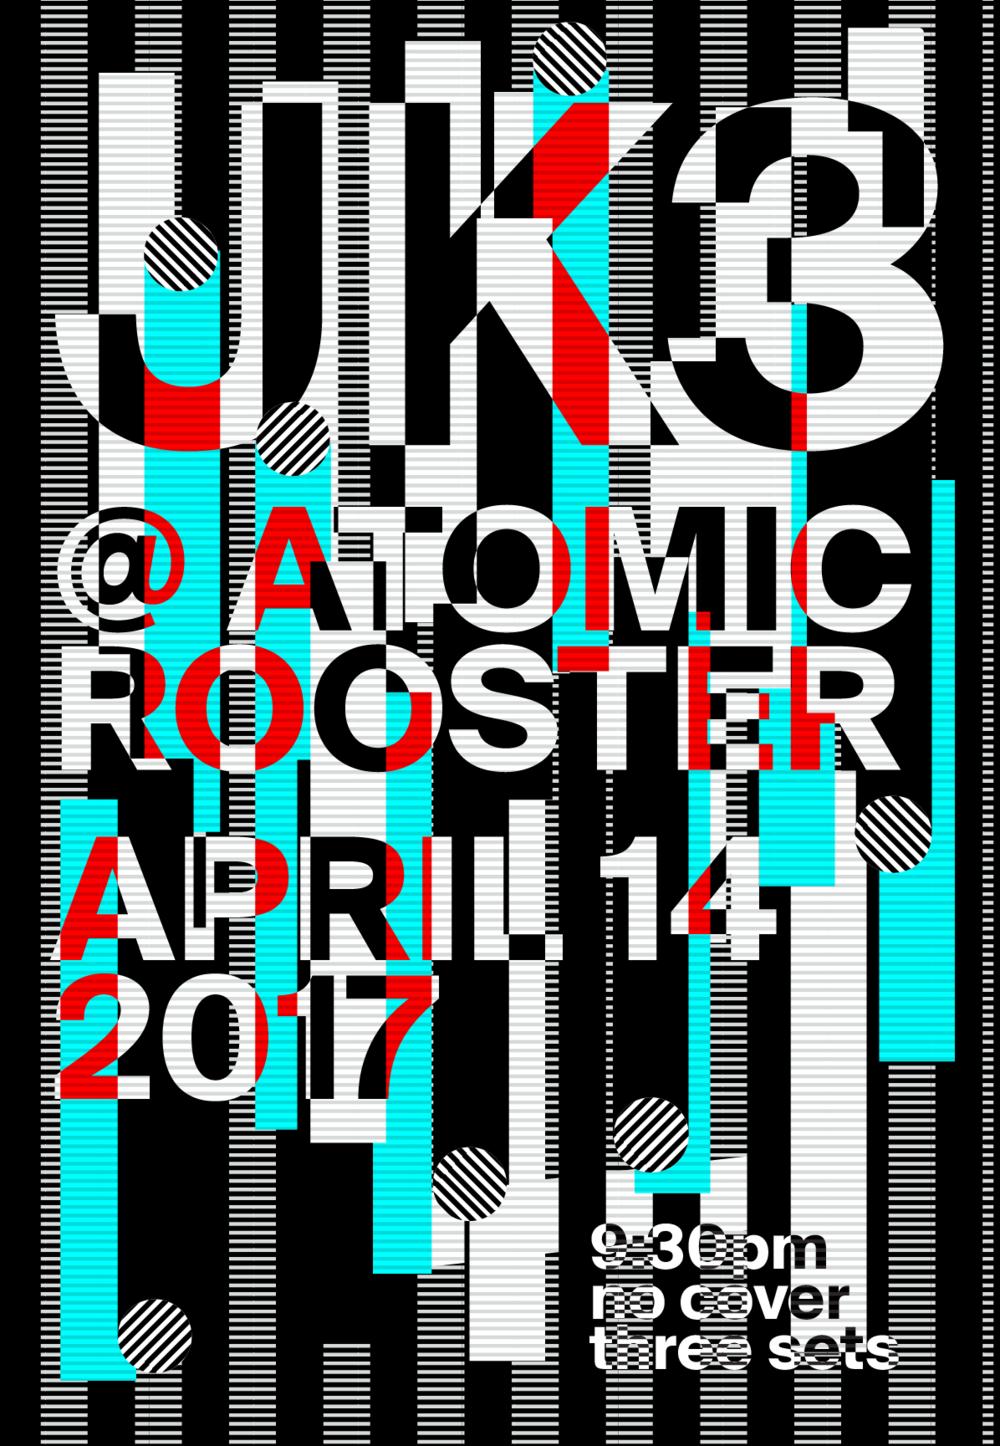 JK3-April 17-2017-poster-daniel-moisan.png